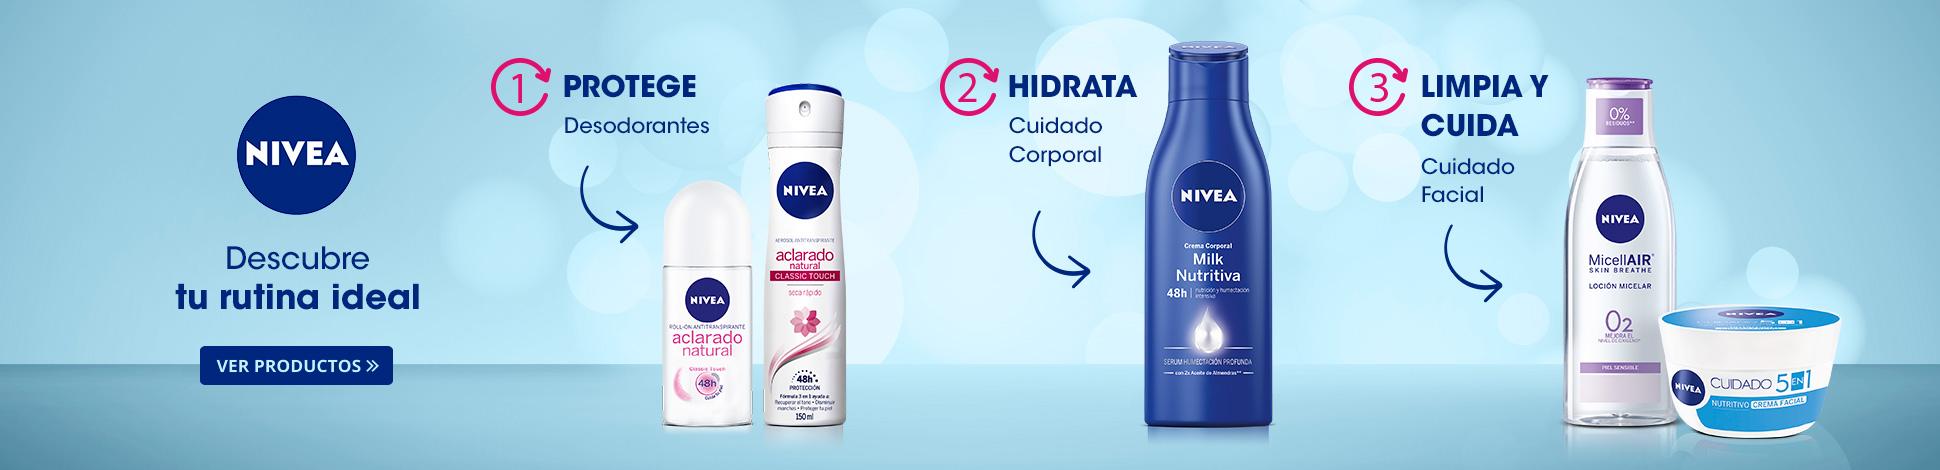 hs-deals-nivea.jpg | Juntoz.com